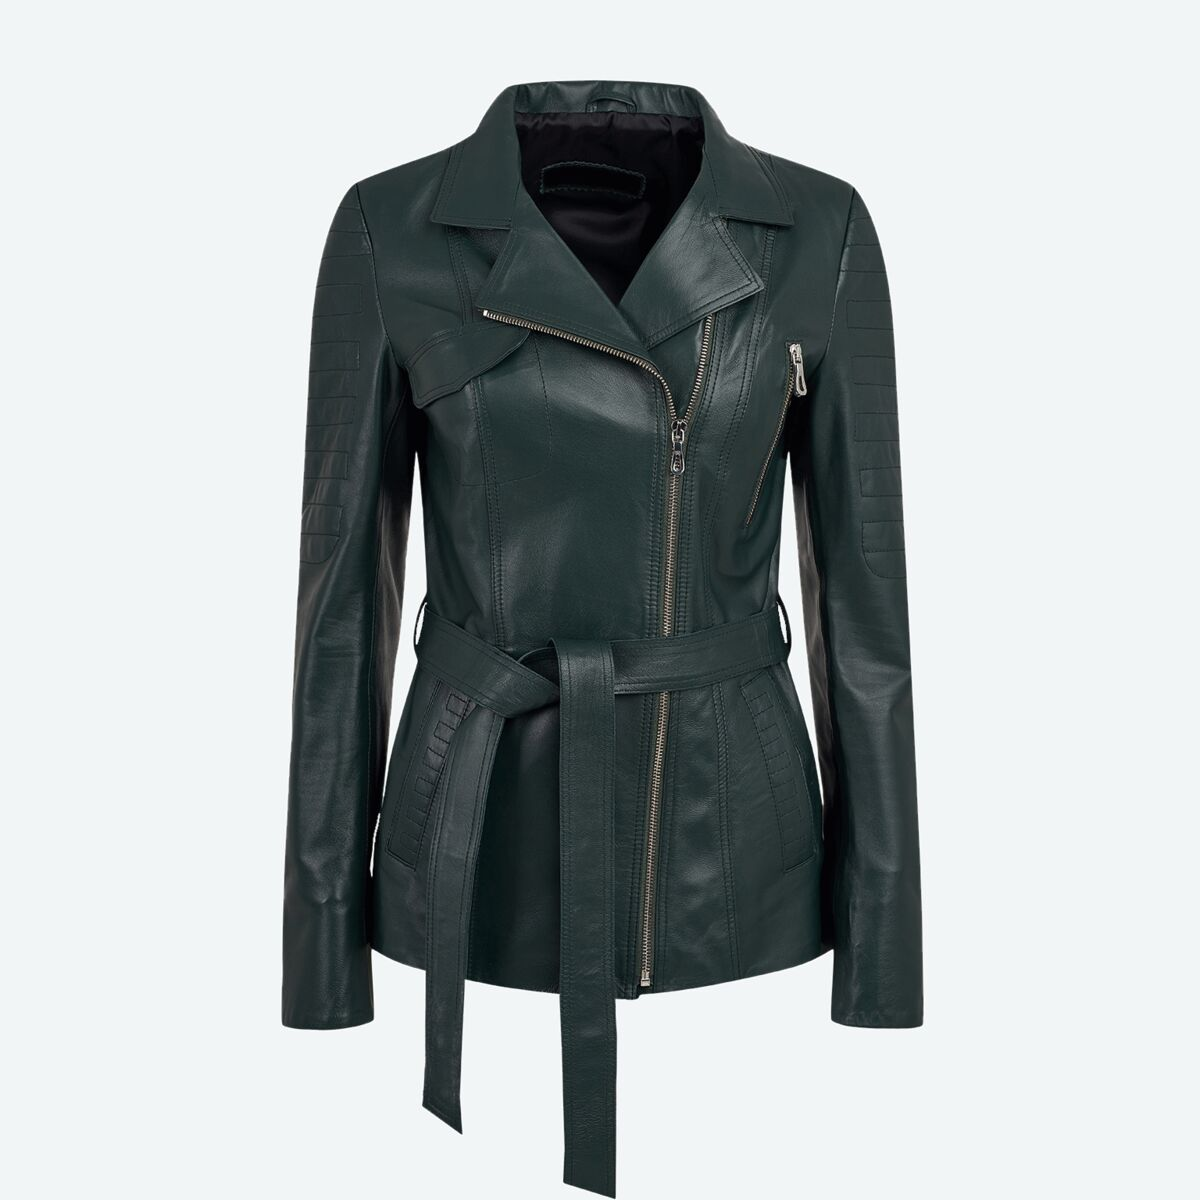 Women's Long Leather Jacket - Green